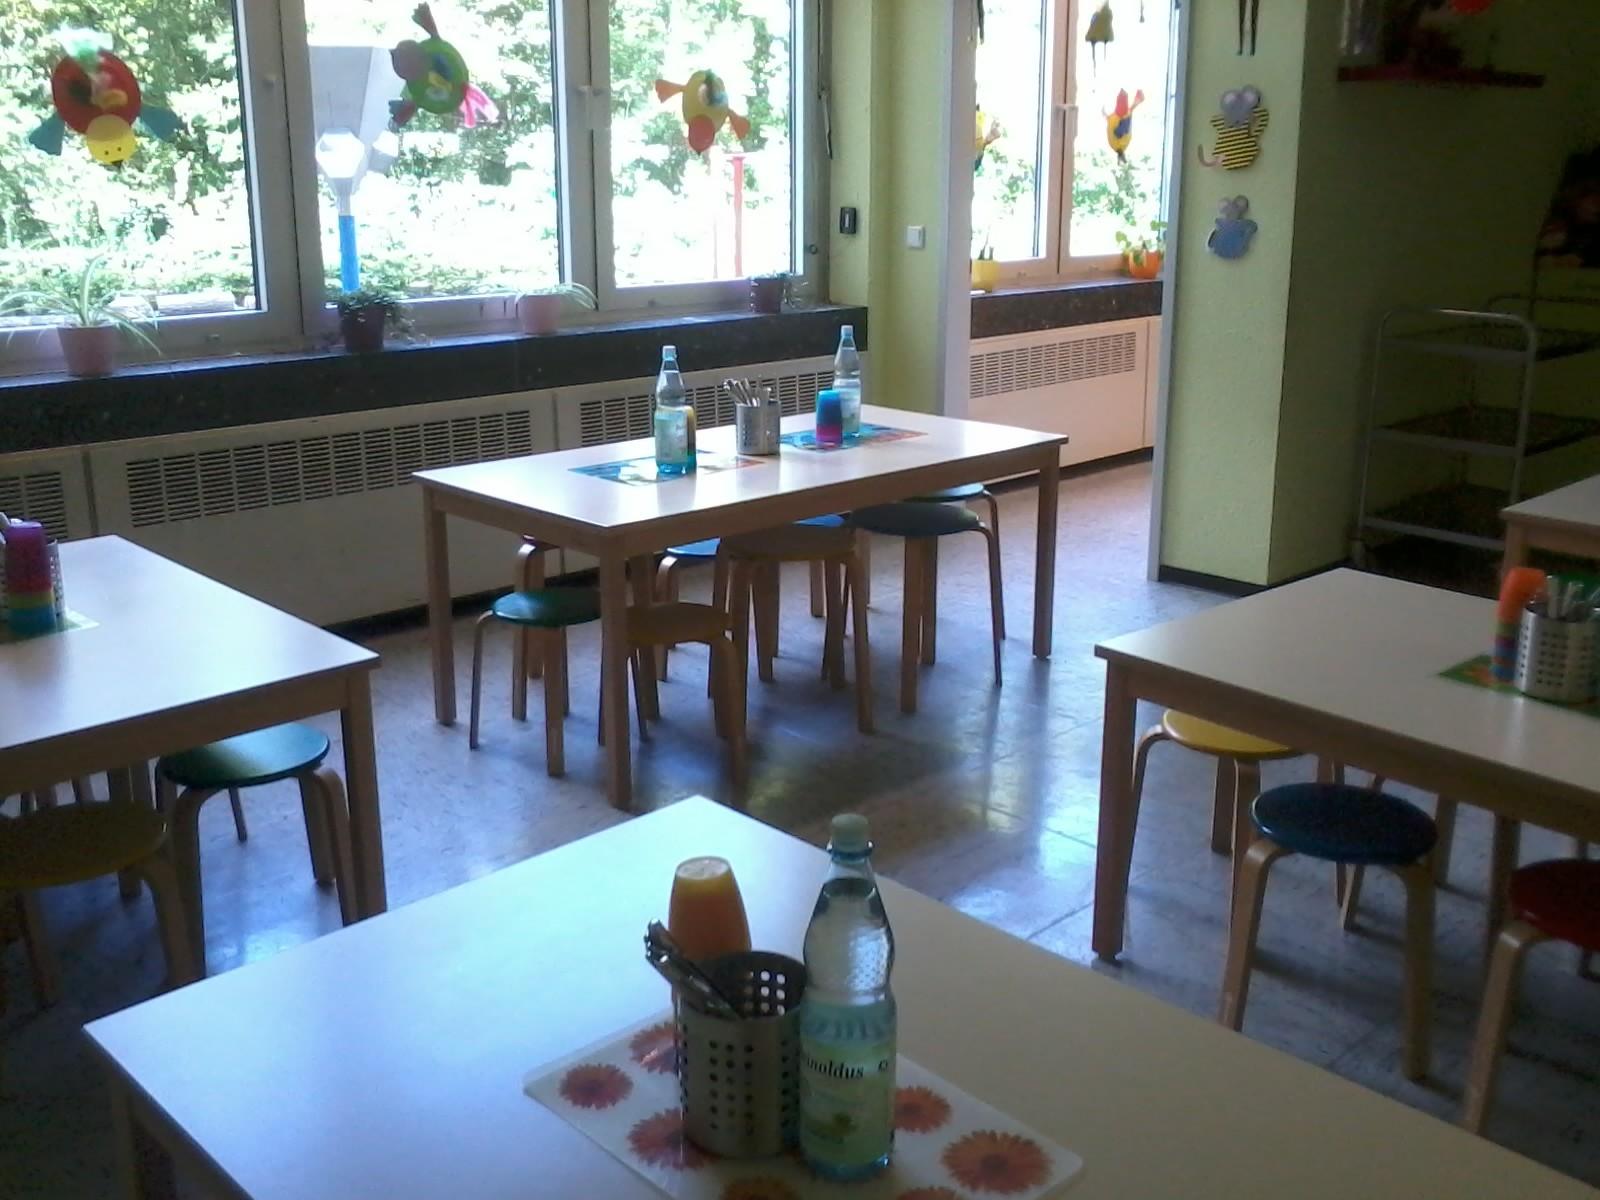 Essensraum - Nach der 4., 5. und 6. Stunde wird hier das Mittagessen gegessen. Ebenso findet hier die Back- und Schlemmer AG statt.